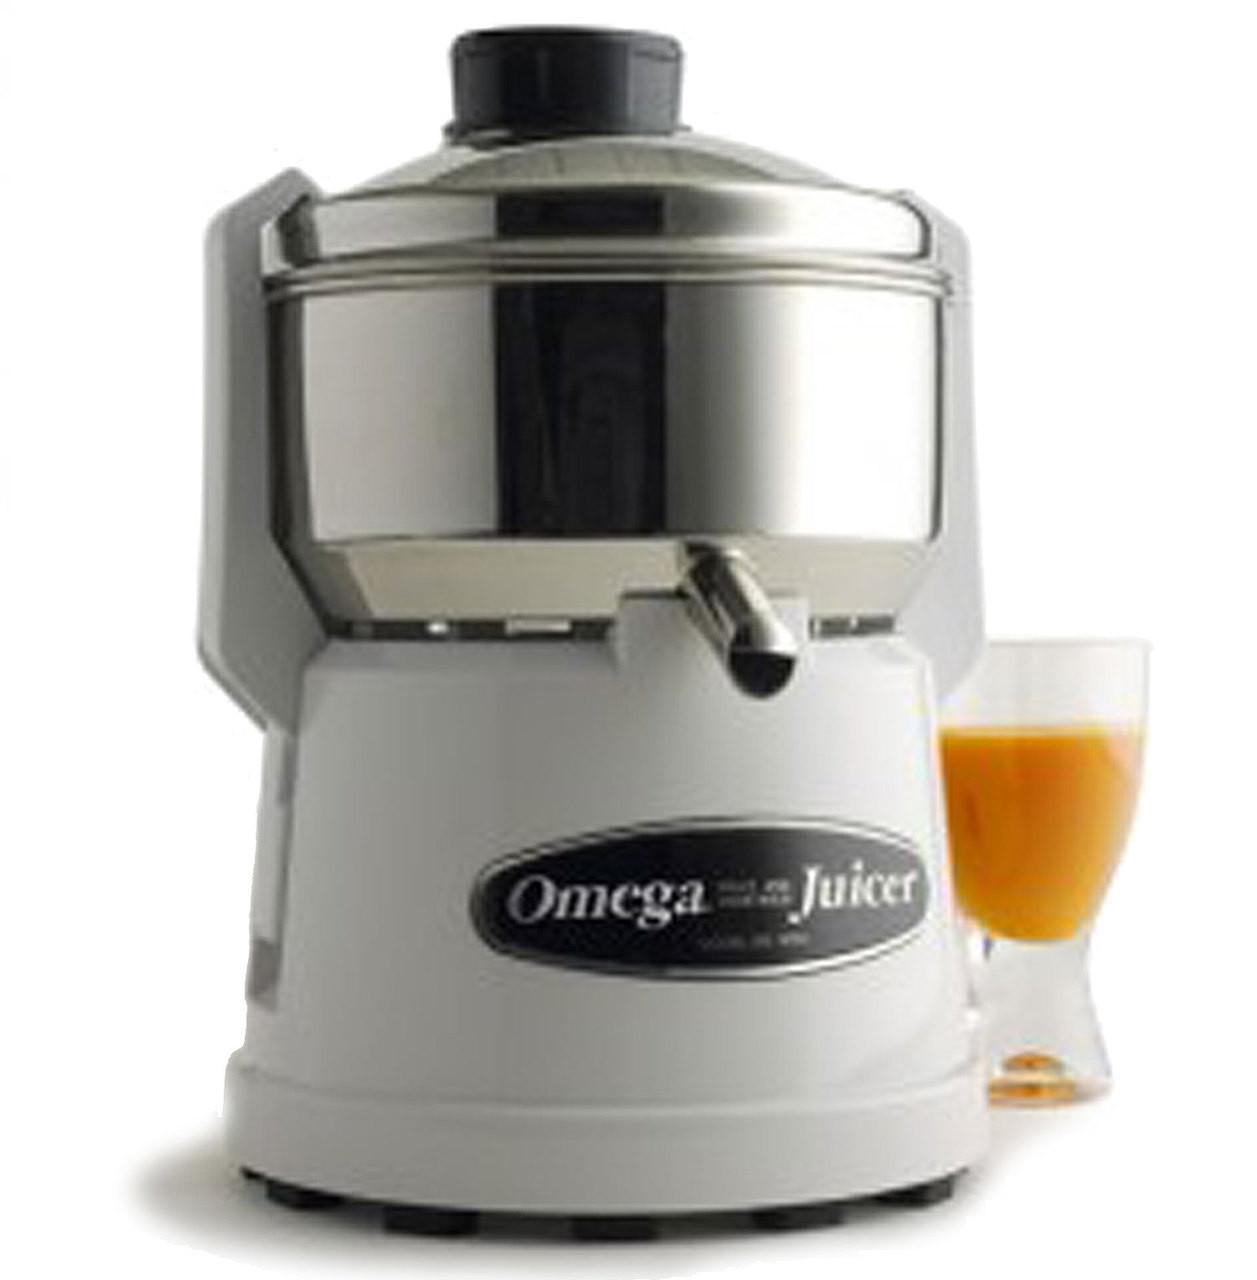 Omega 9000 Juicer - Good4LifeMart